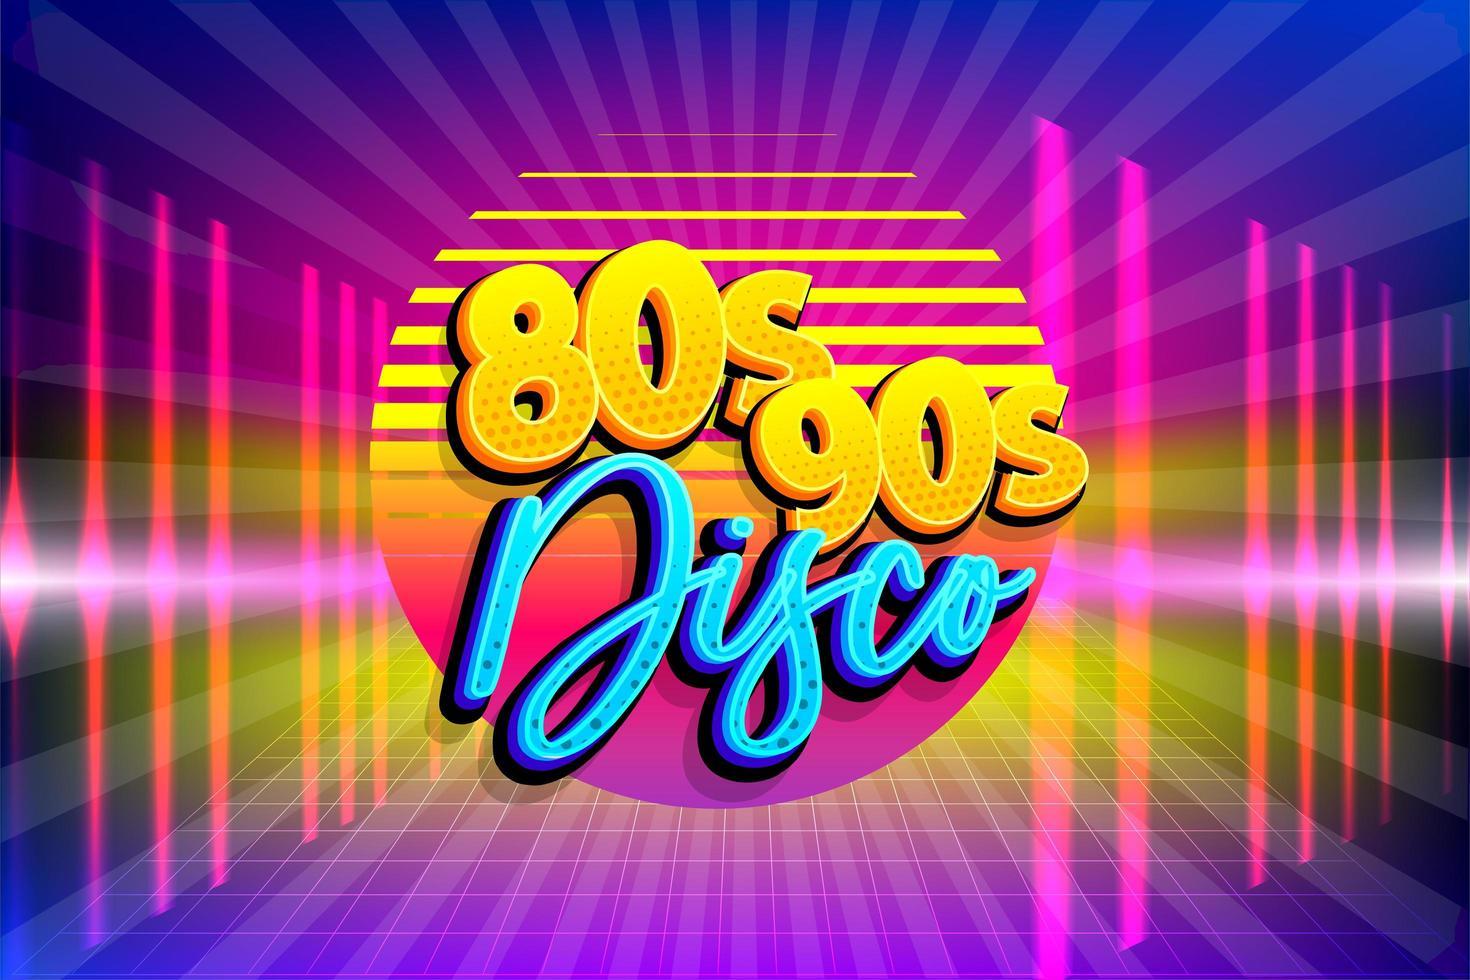 Modelo de pôster festa discoteca retrô dos anos 90 vetor